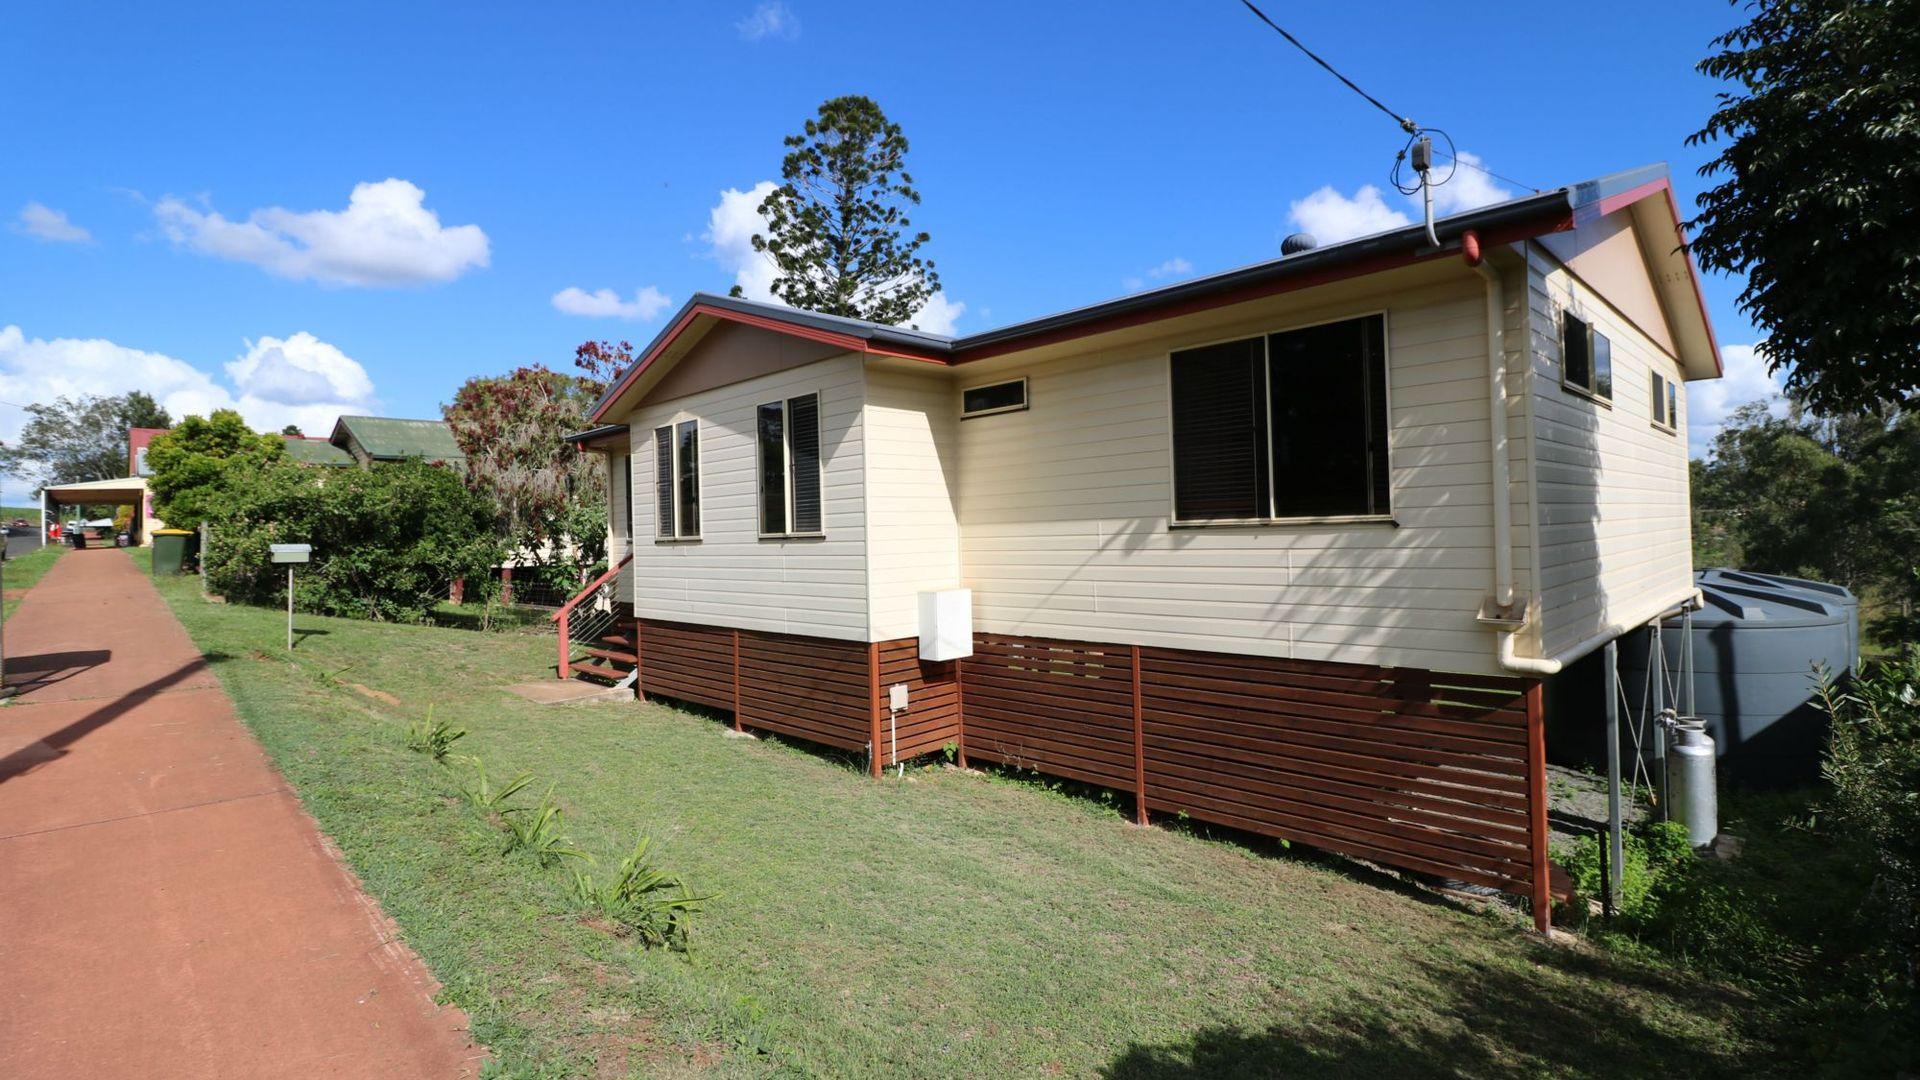 19 Queen Street, Childers, Cordalba QLD 4660, Image 1